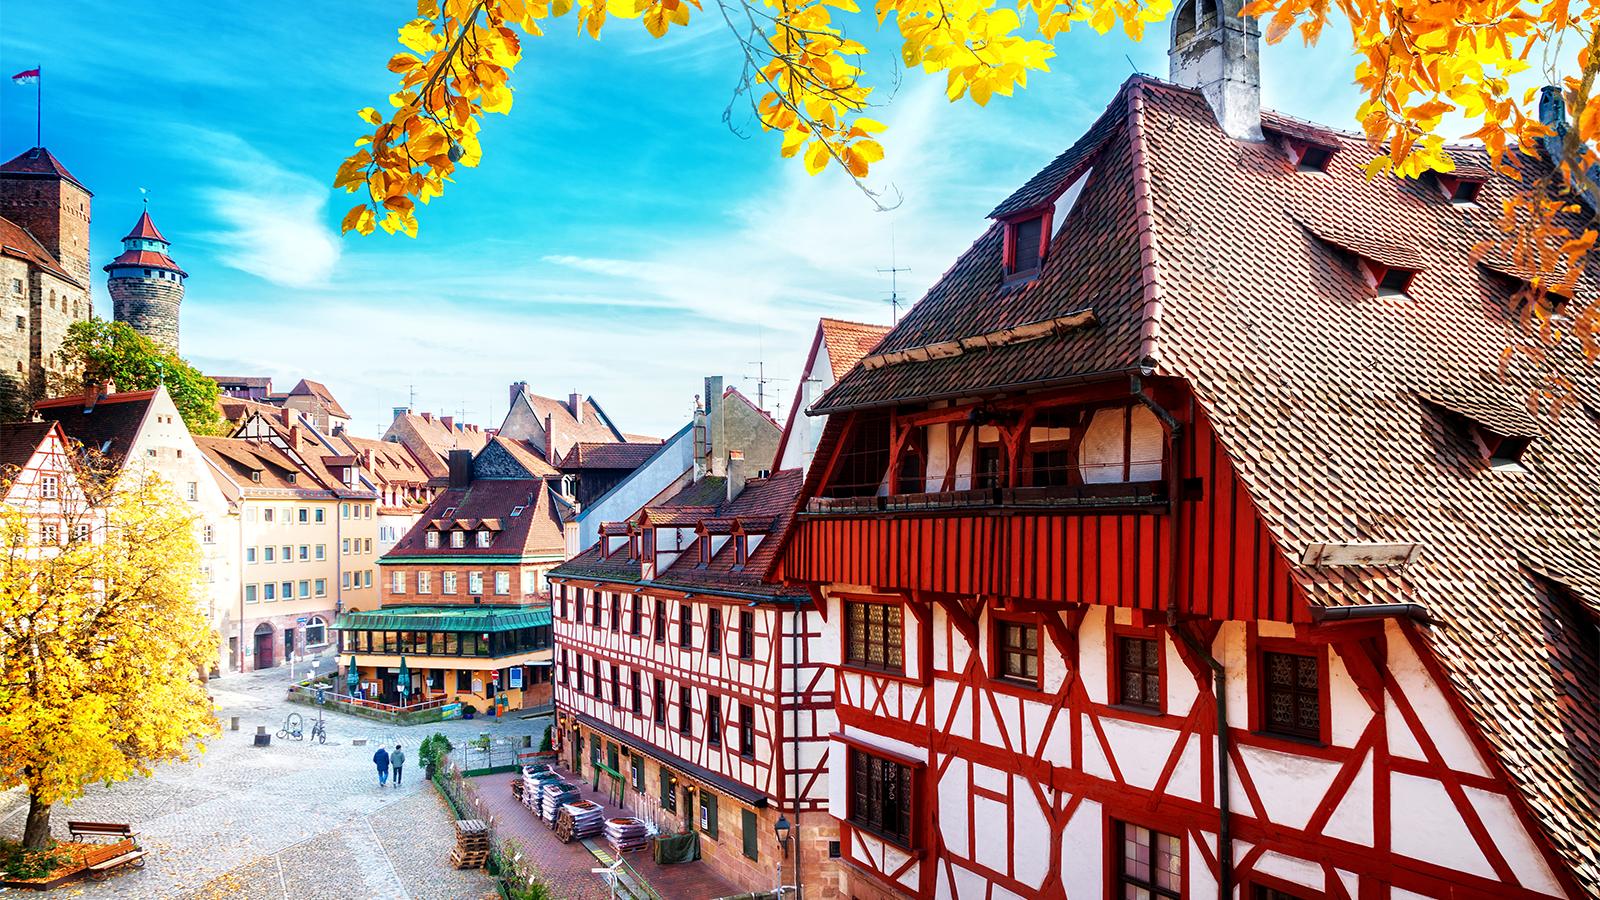 Centro Histórico de Nuremberga